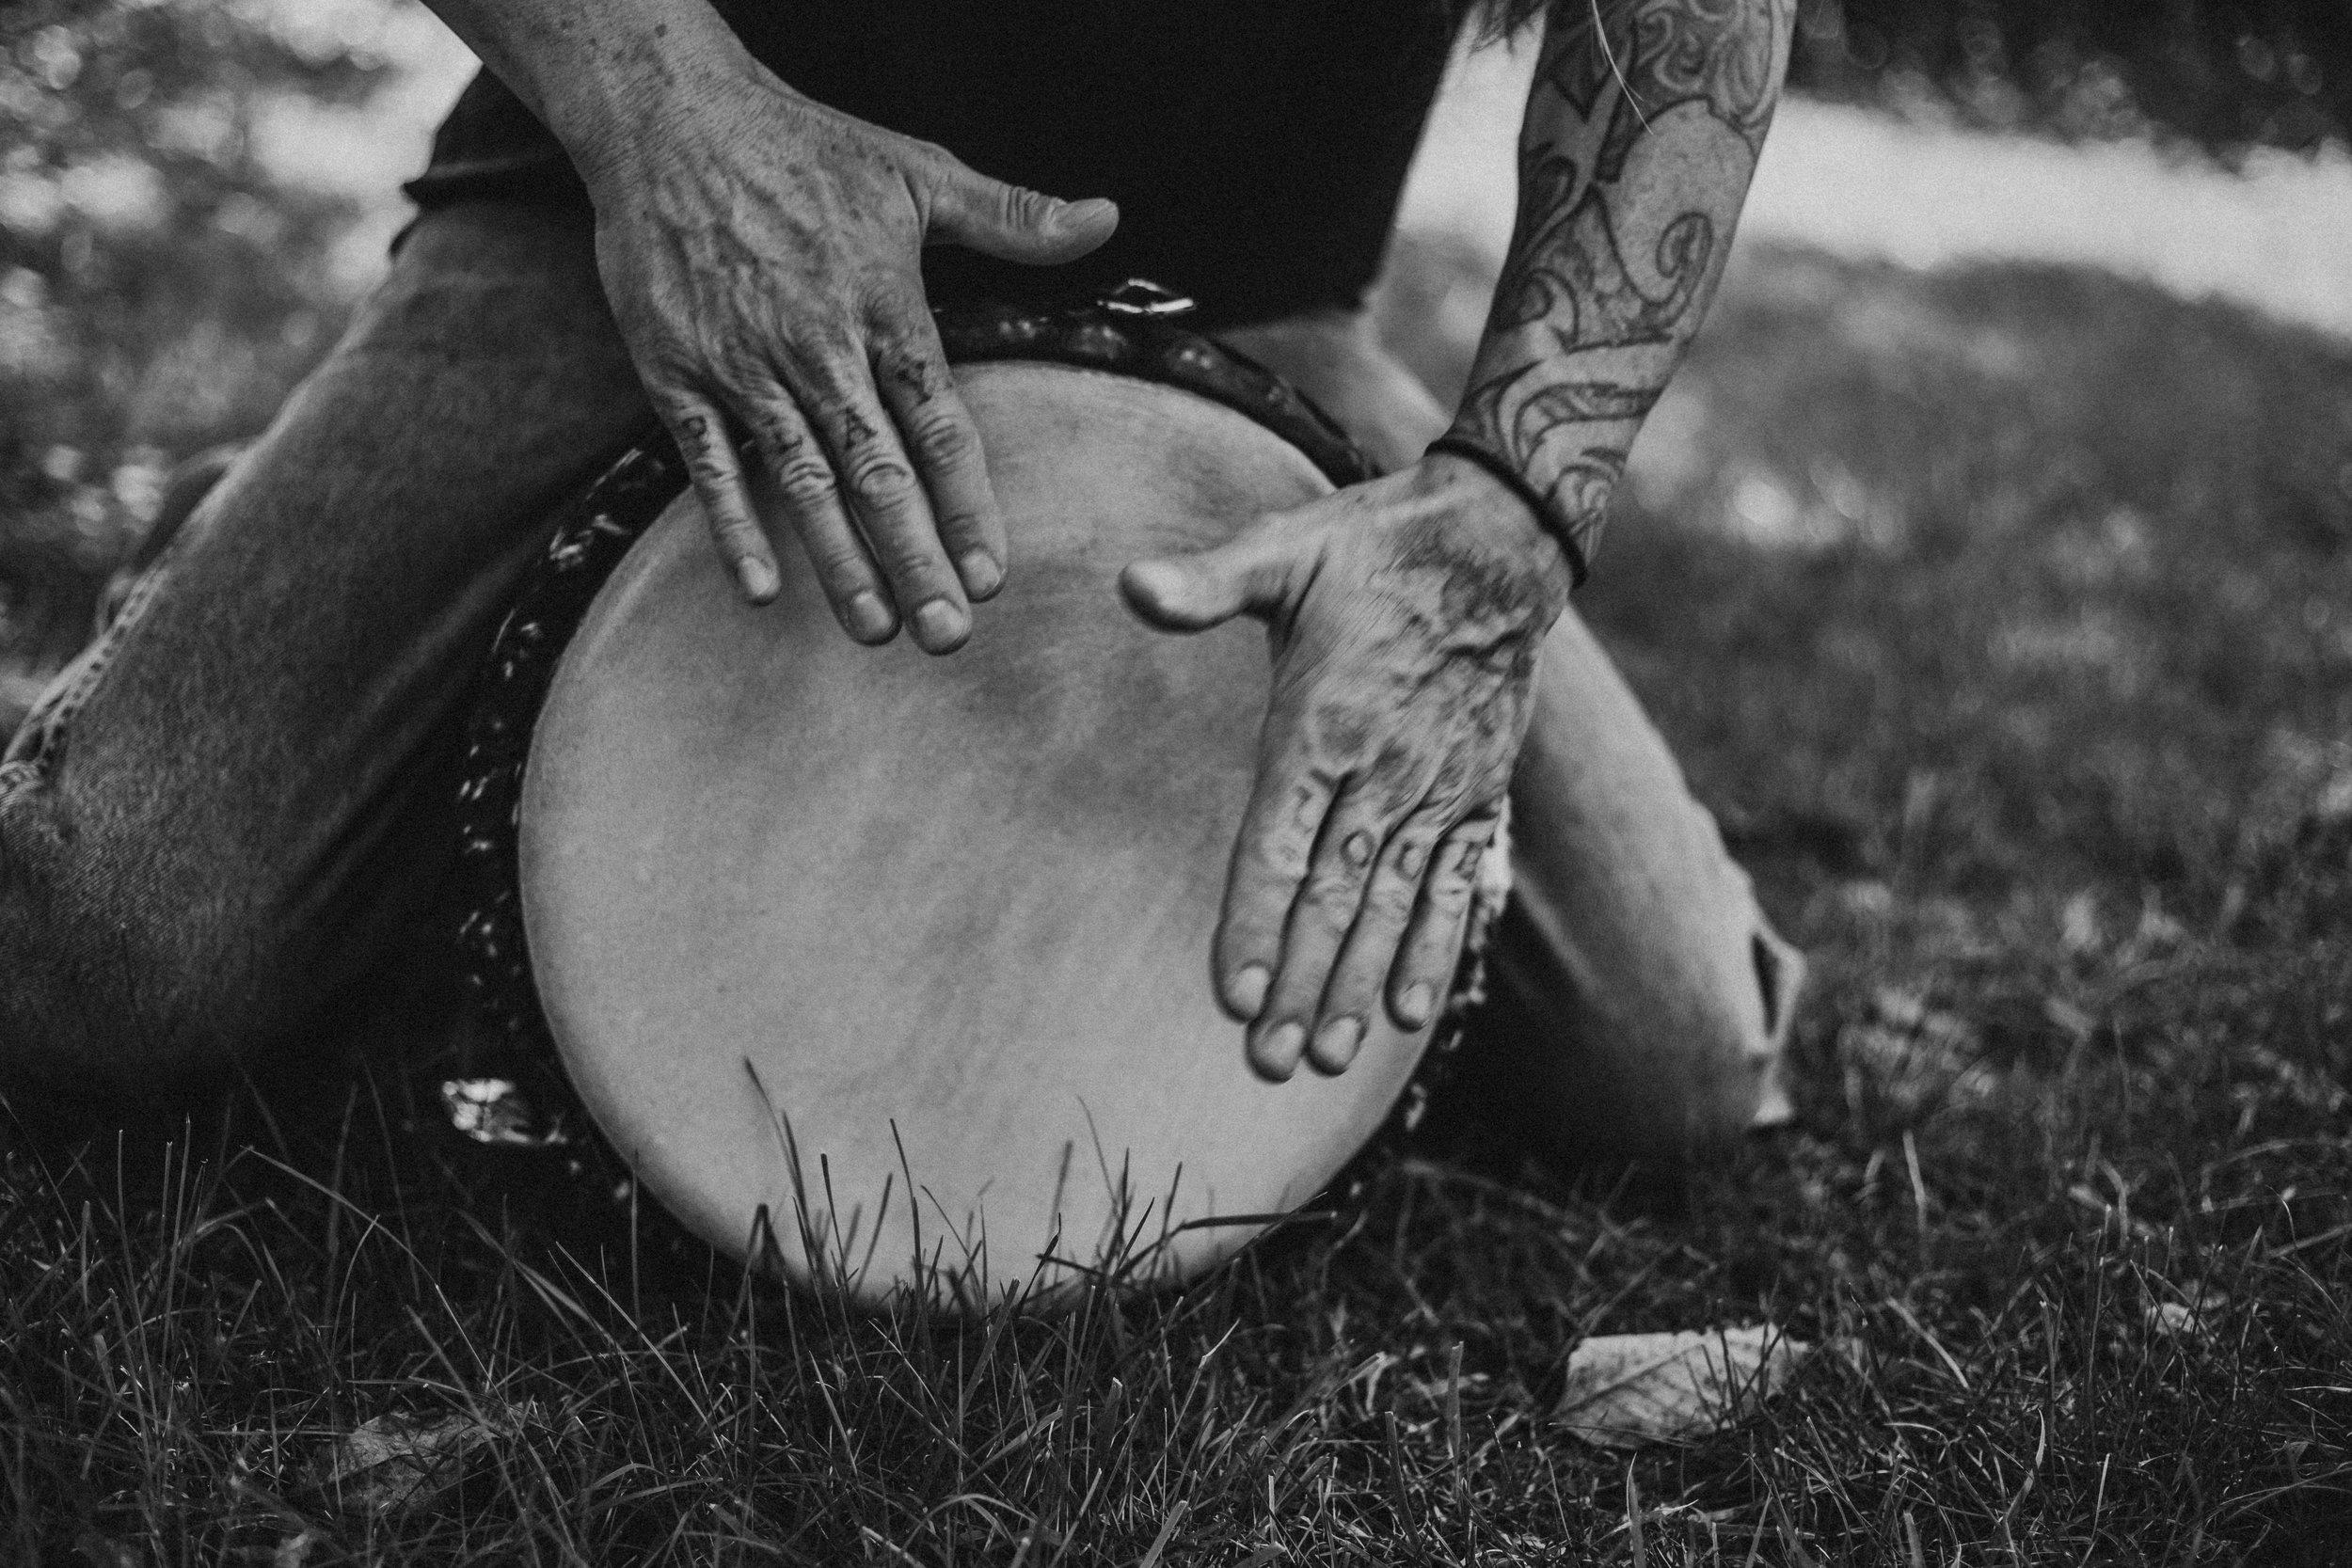 Wood'n Drums - Promoting Unity Through Drumming